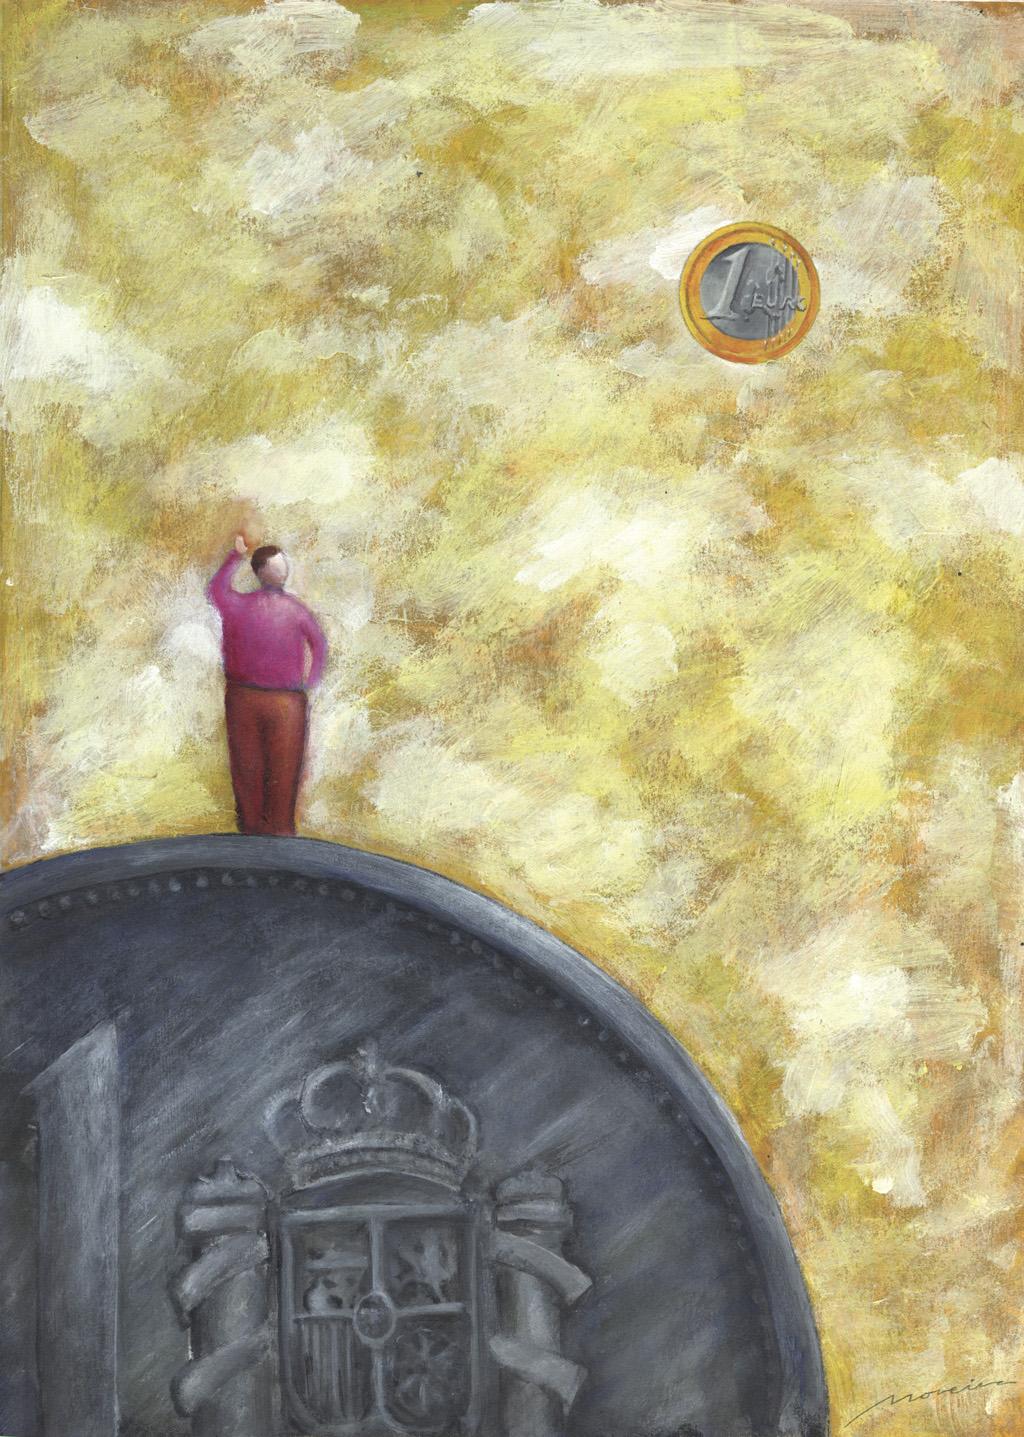 Venta de cuadros originales en Madrid - Raúl Moreira Ilustrador ...